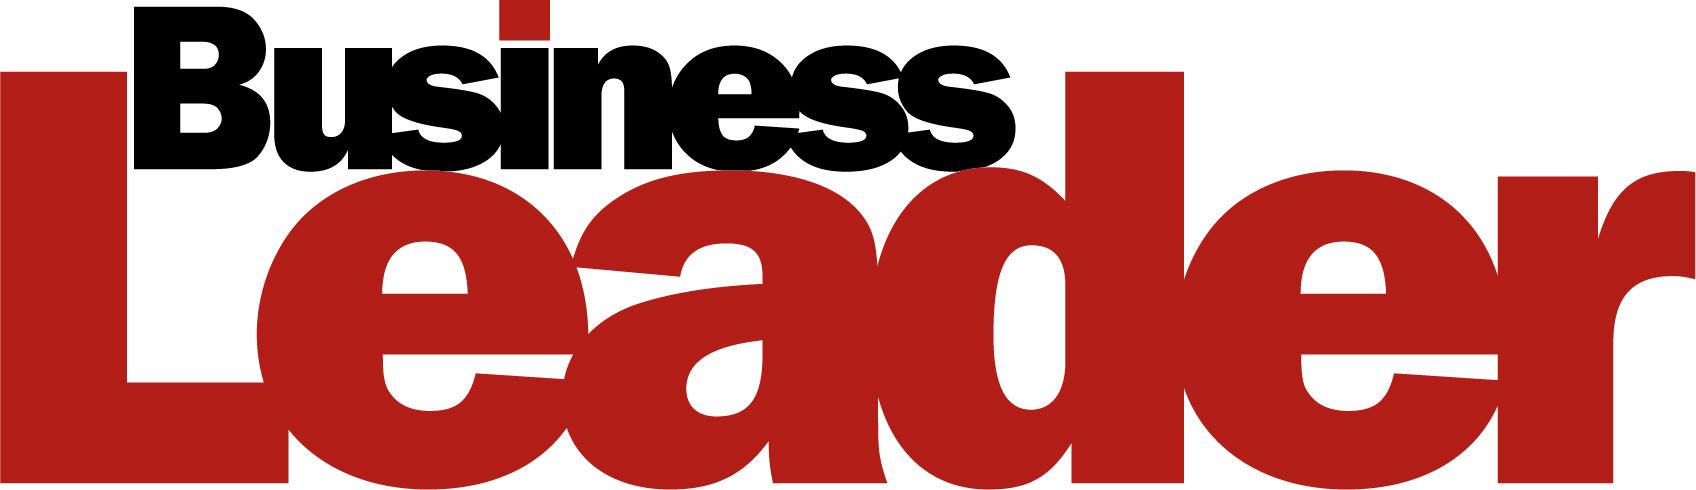 2019 Business Leader Logo.jpg